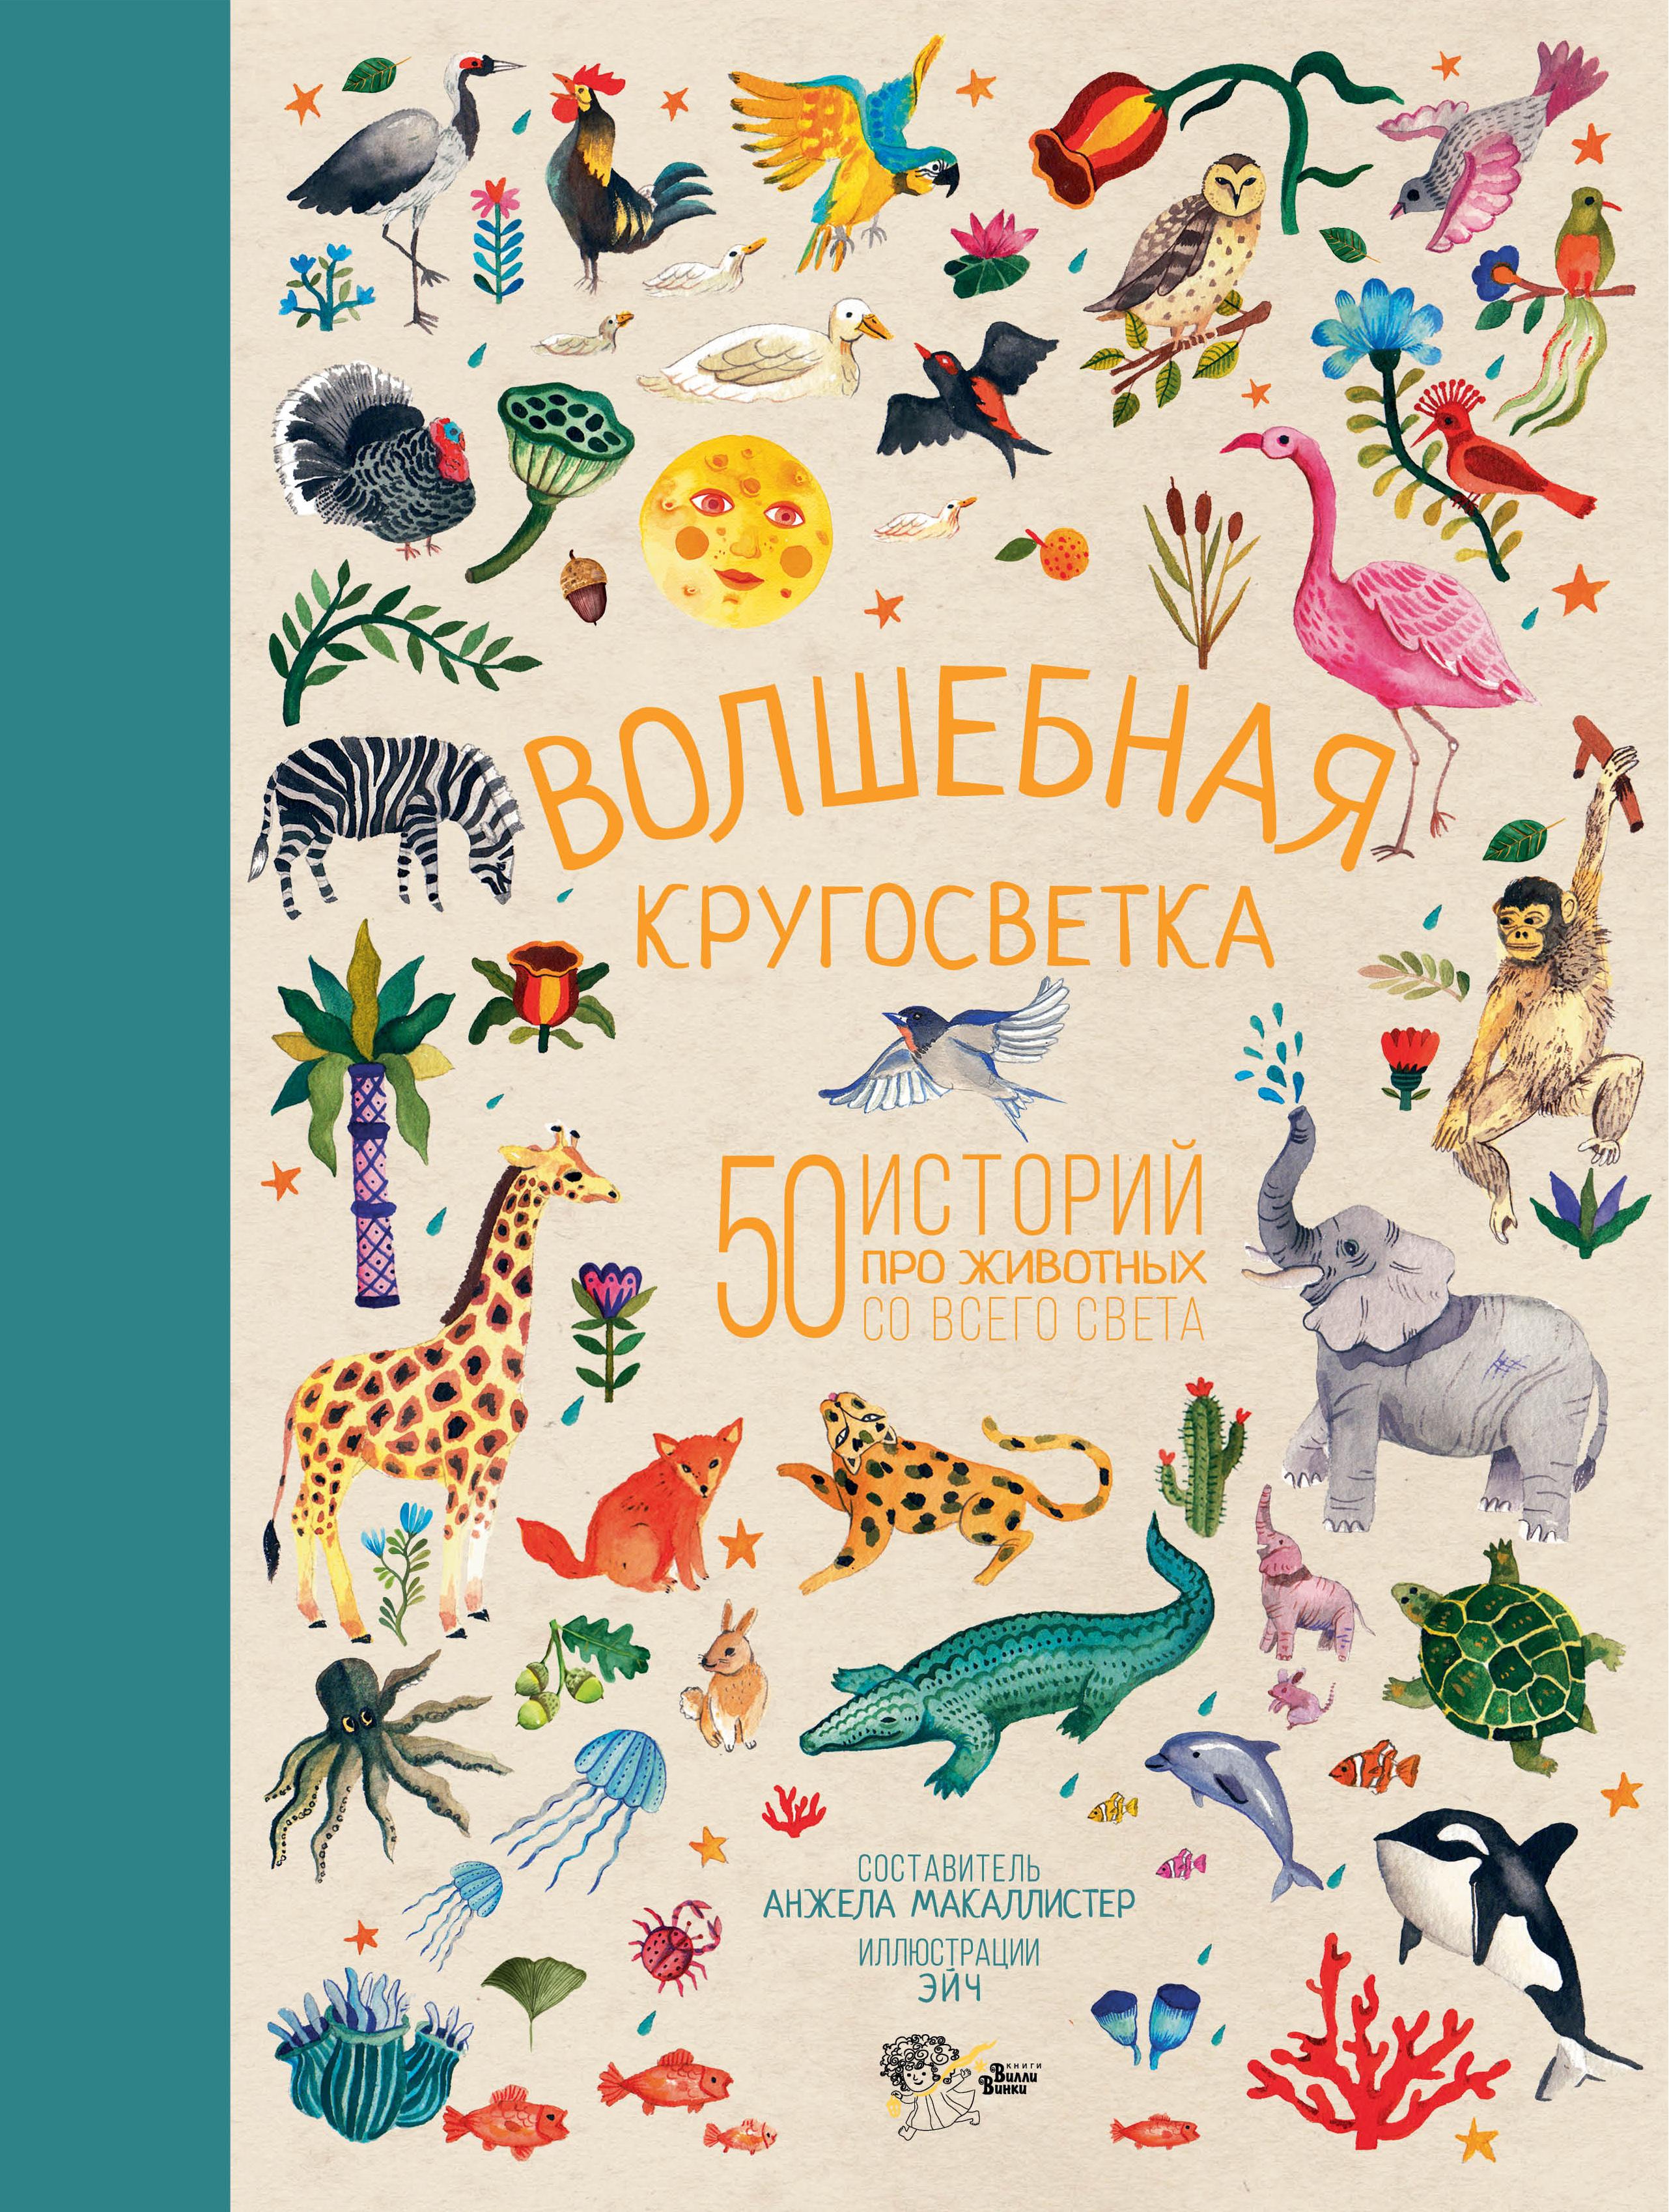 Волшебная кругосветка. 50 историй про животных со всего света ( МакАллистер А.  )